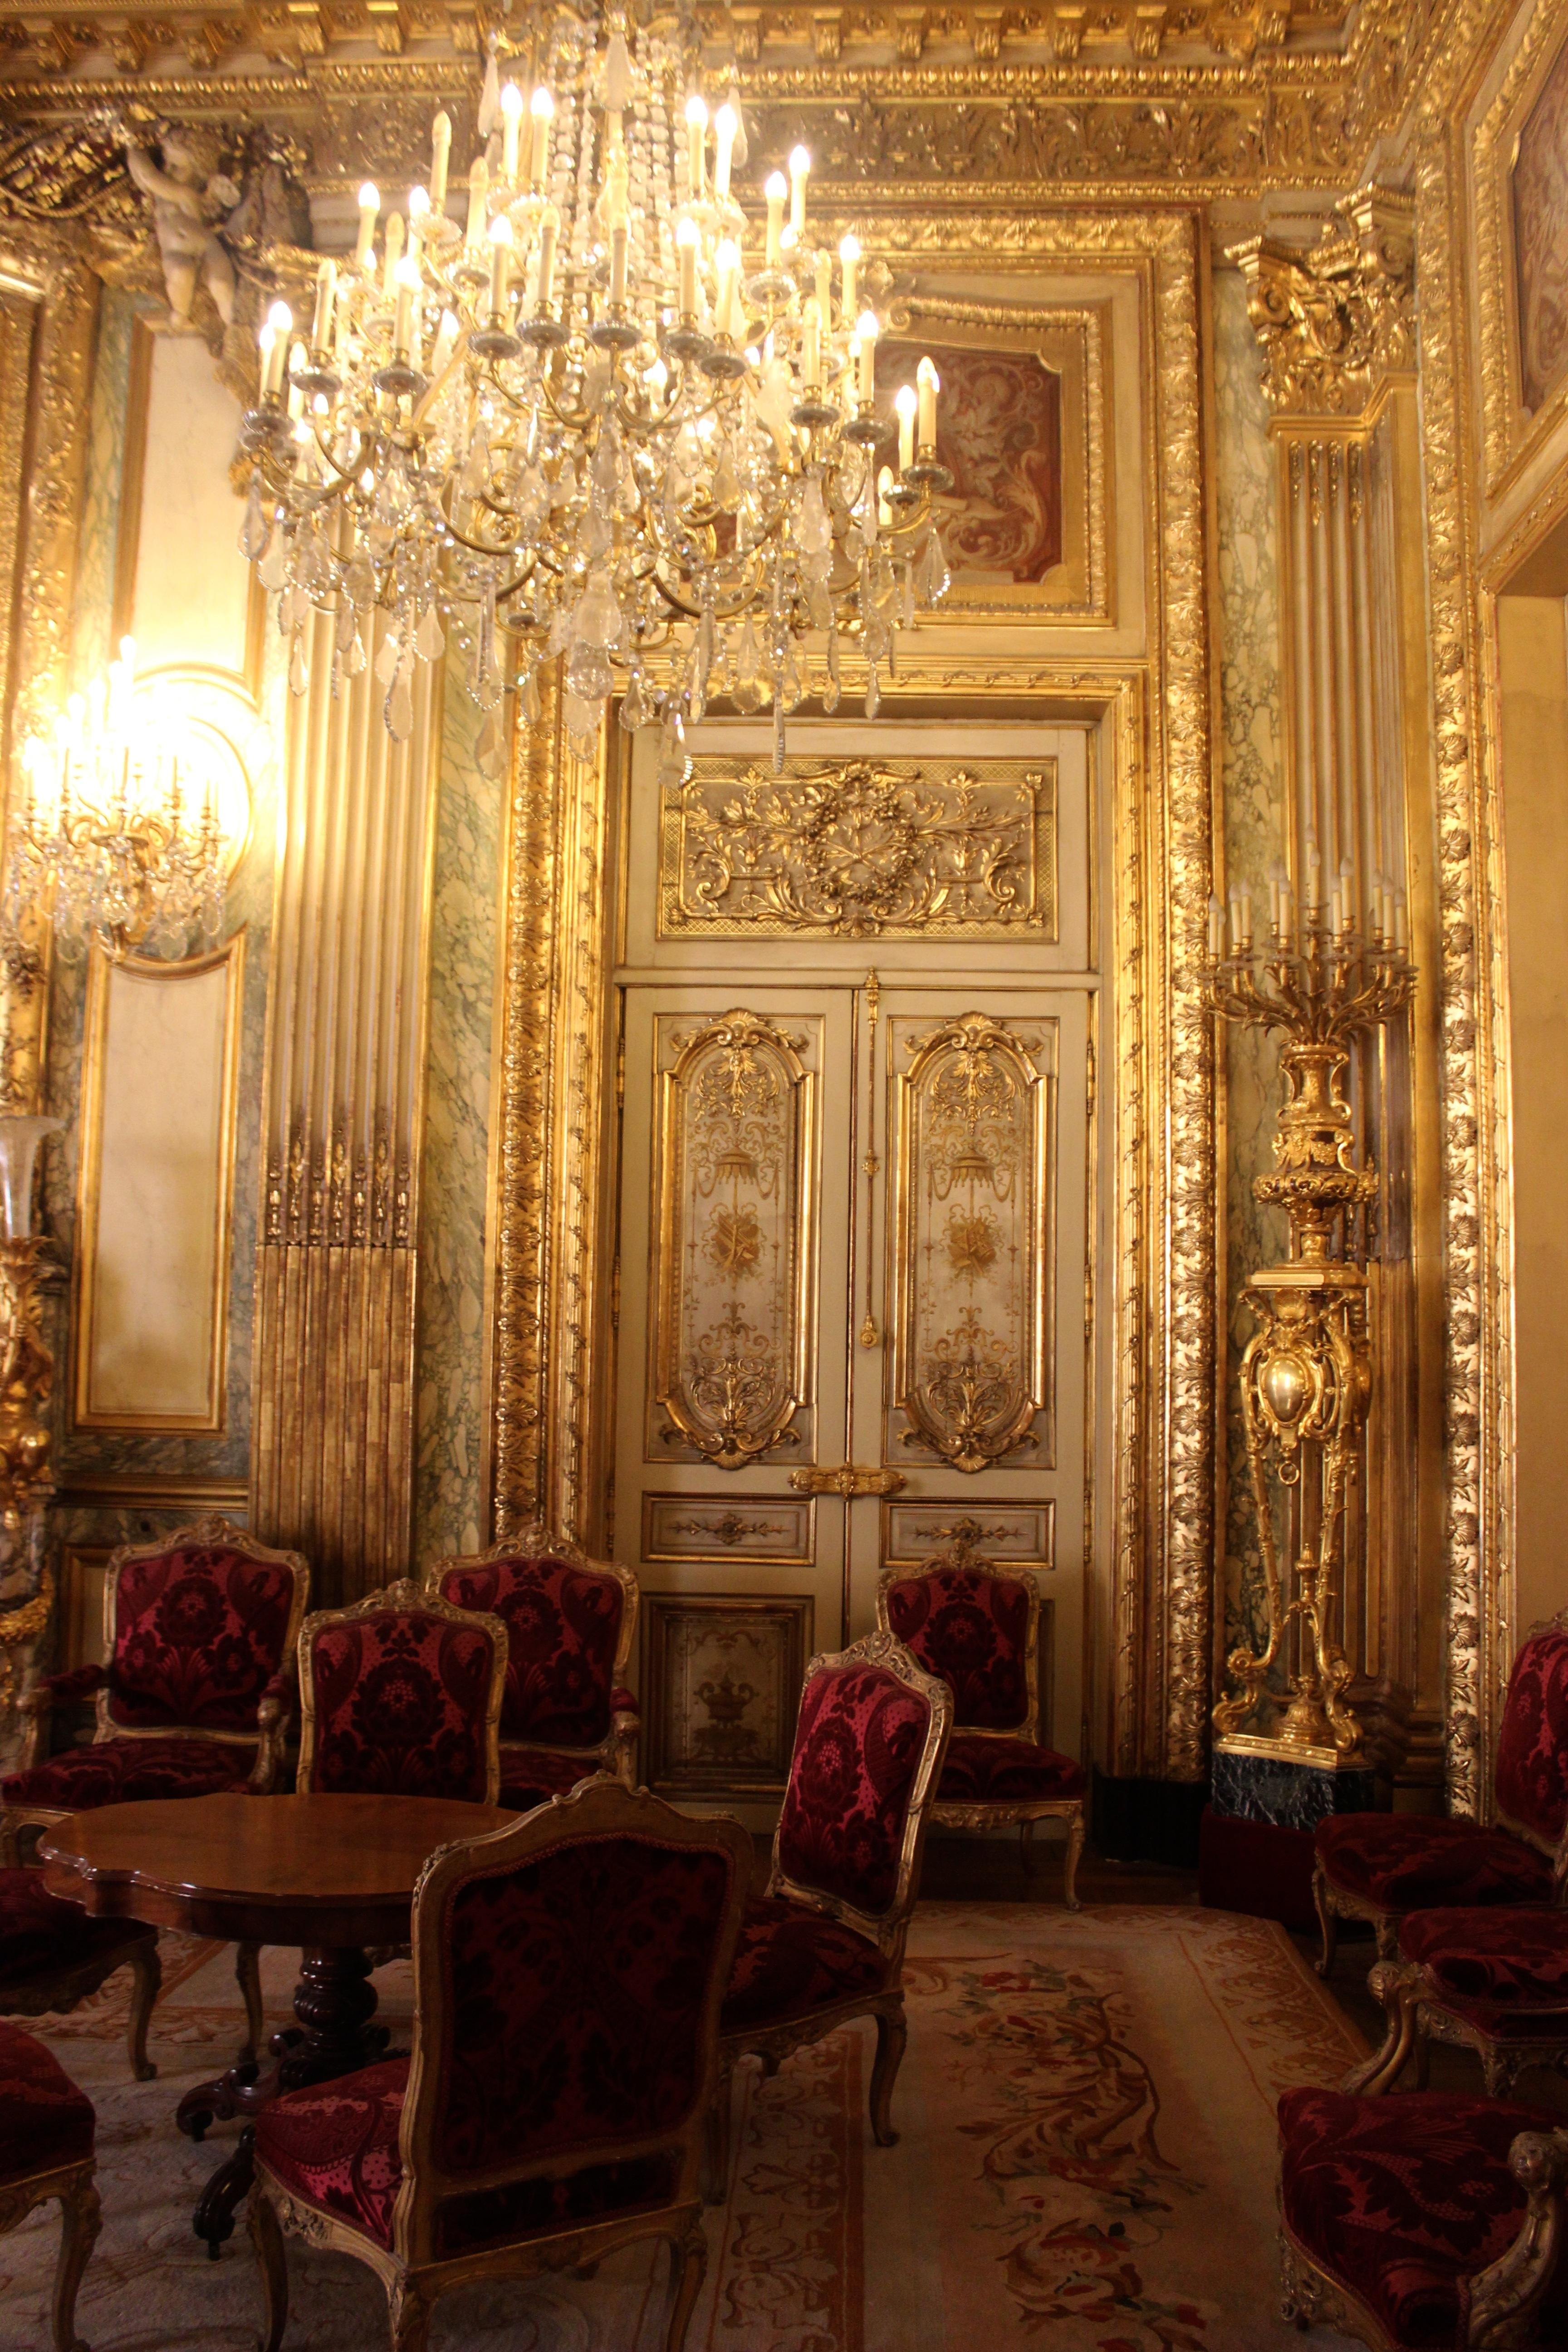 File apartamentos de napole n iii louvre 14 jpg for Salon du louvres